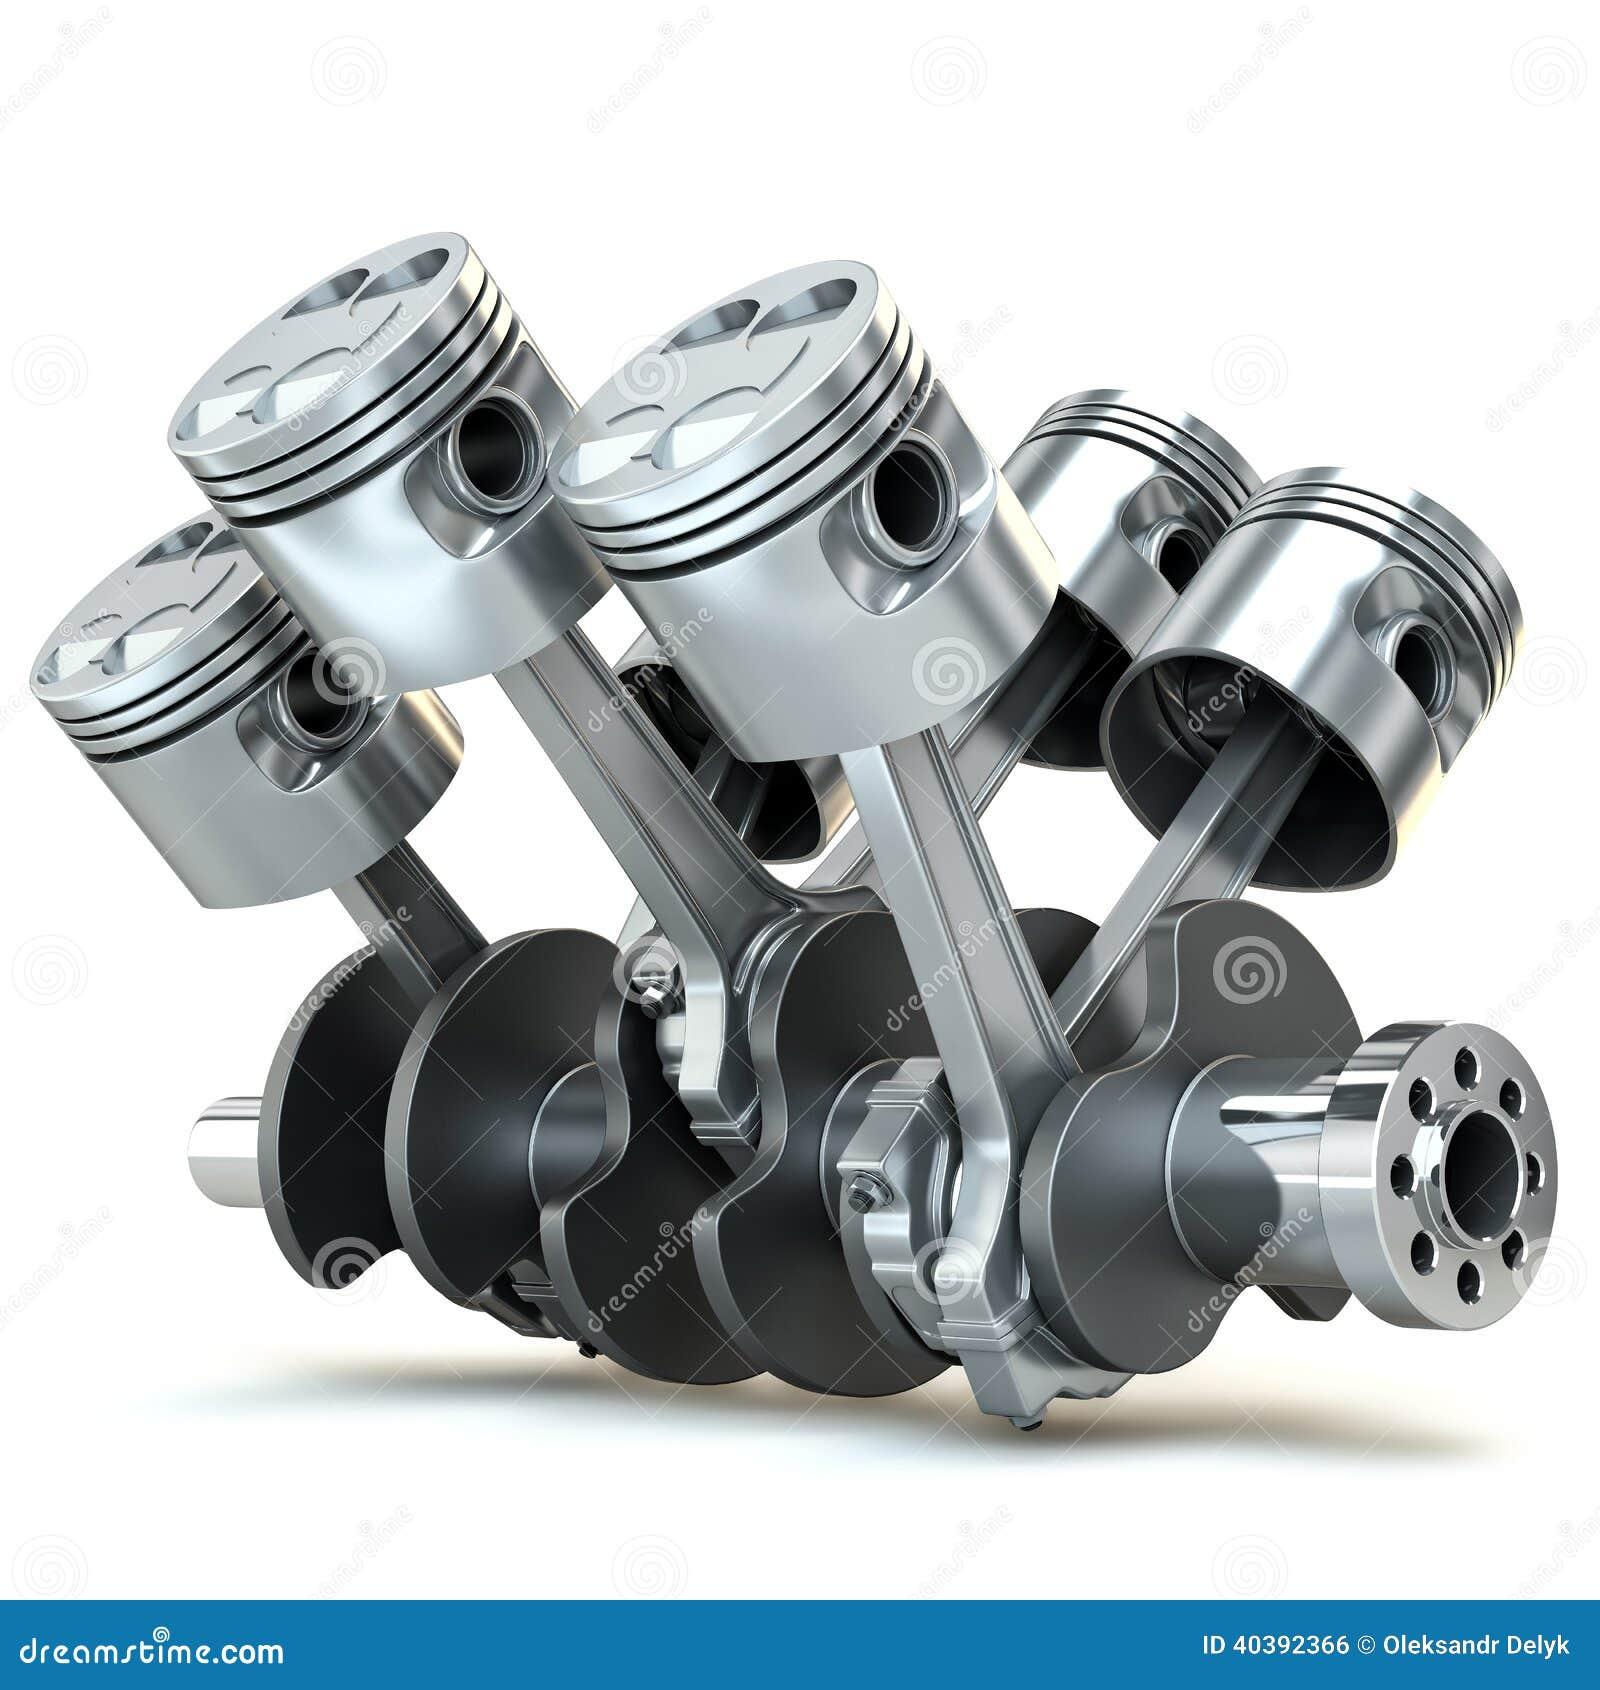 Pistones del motor V6. imagen 3D.